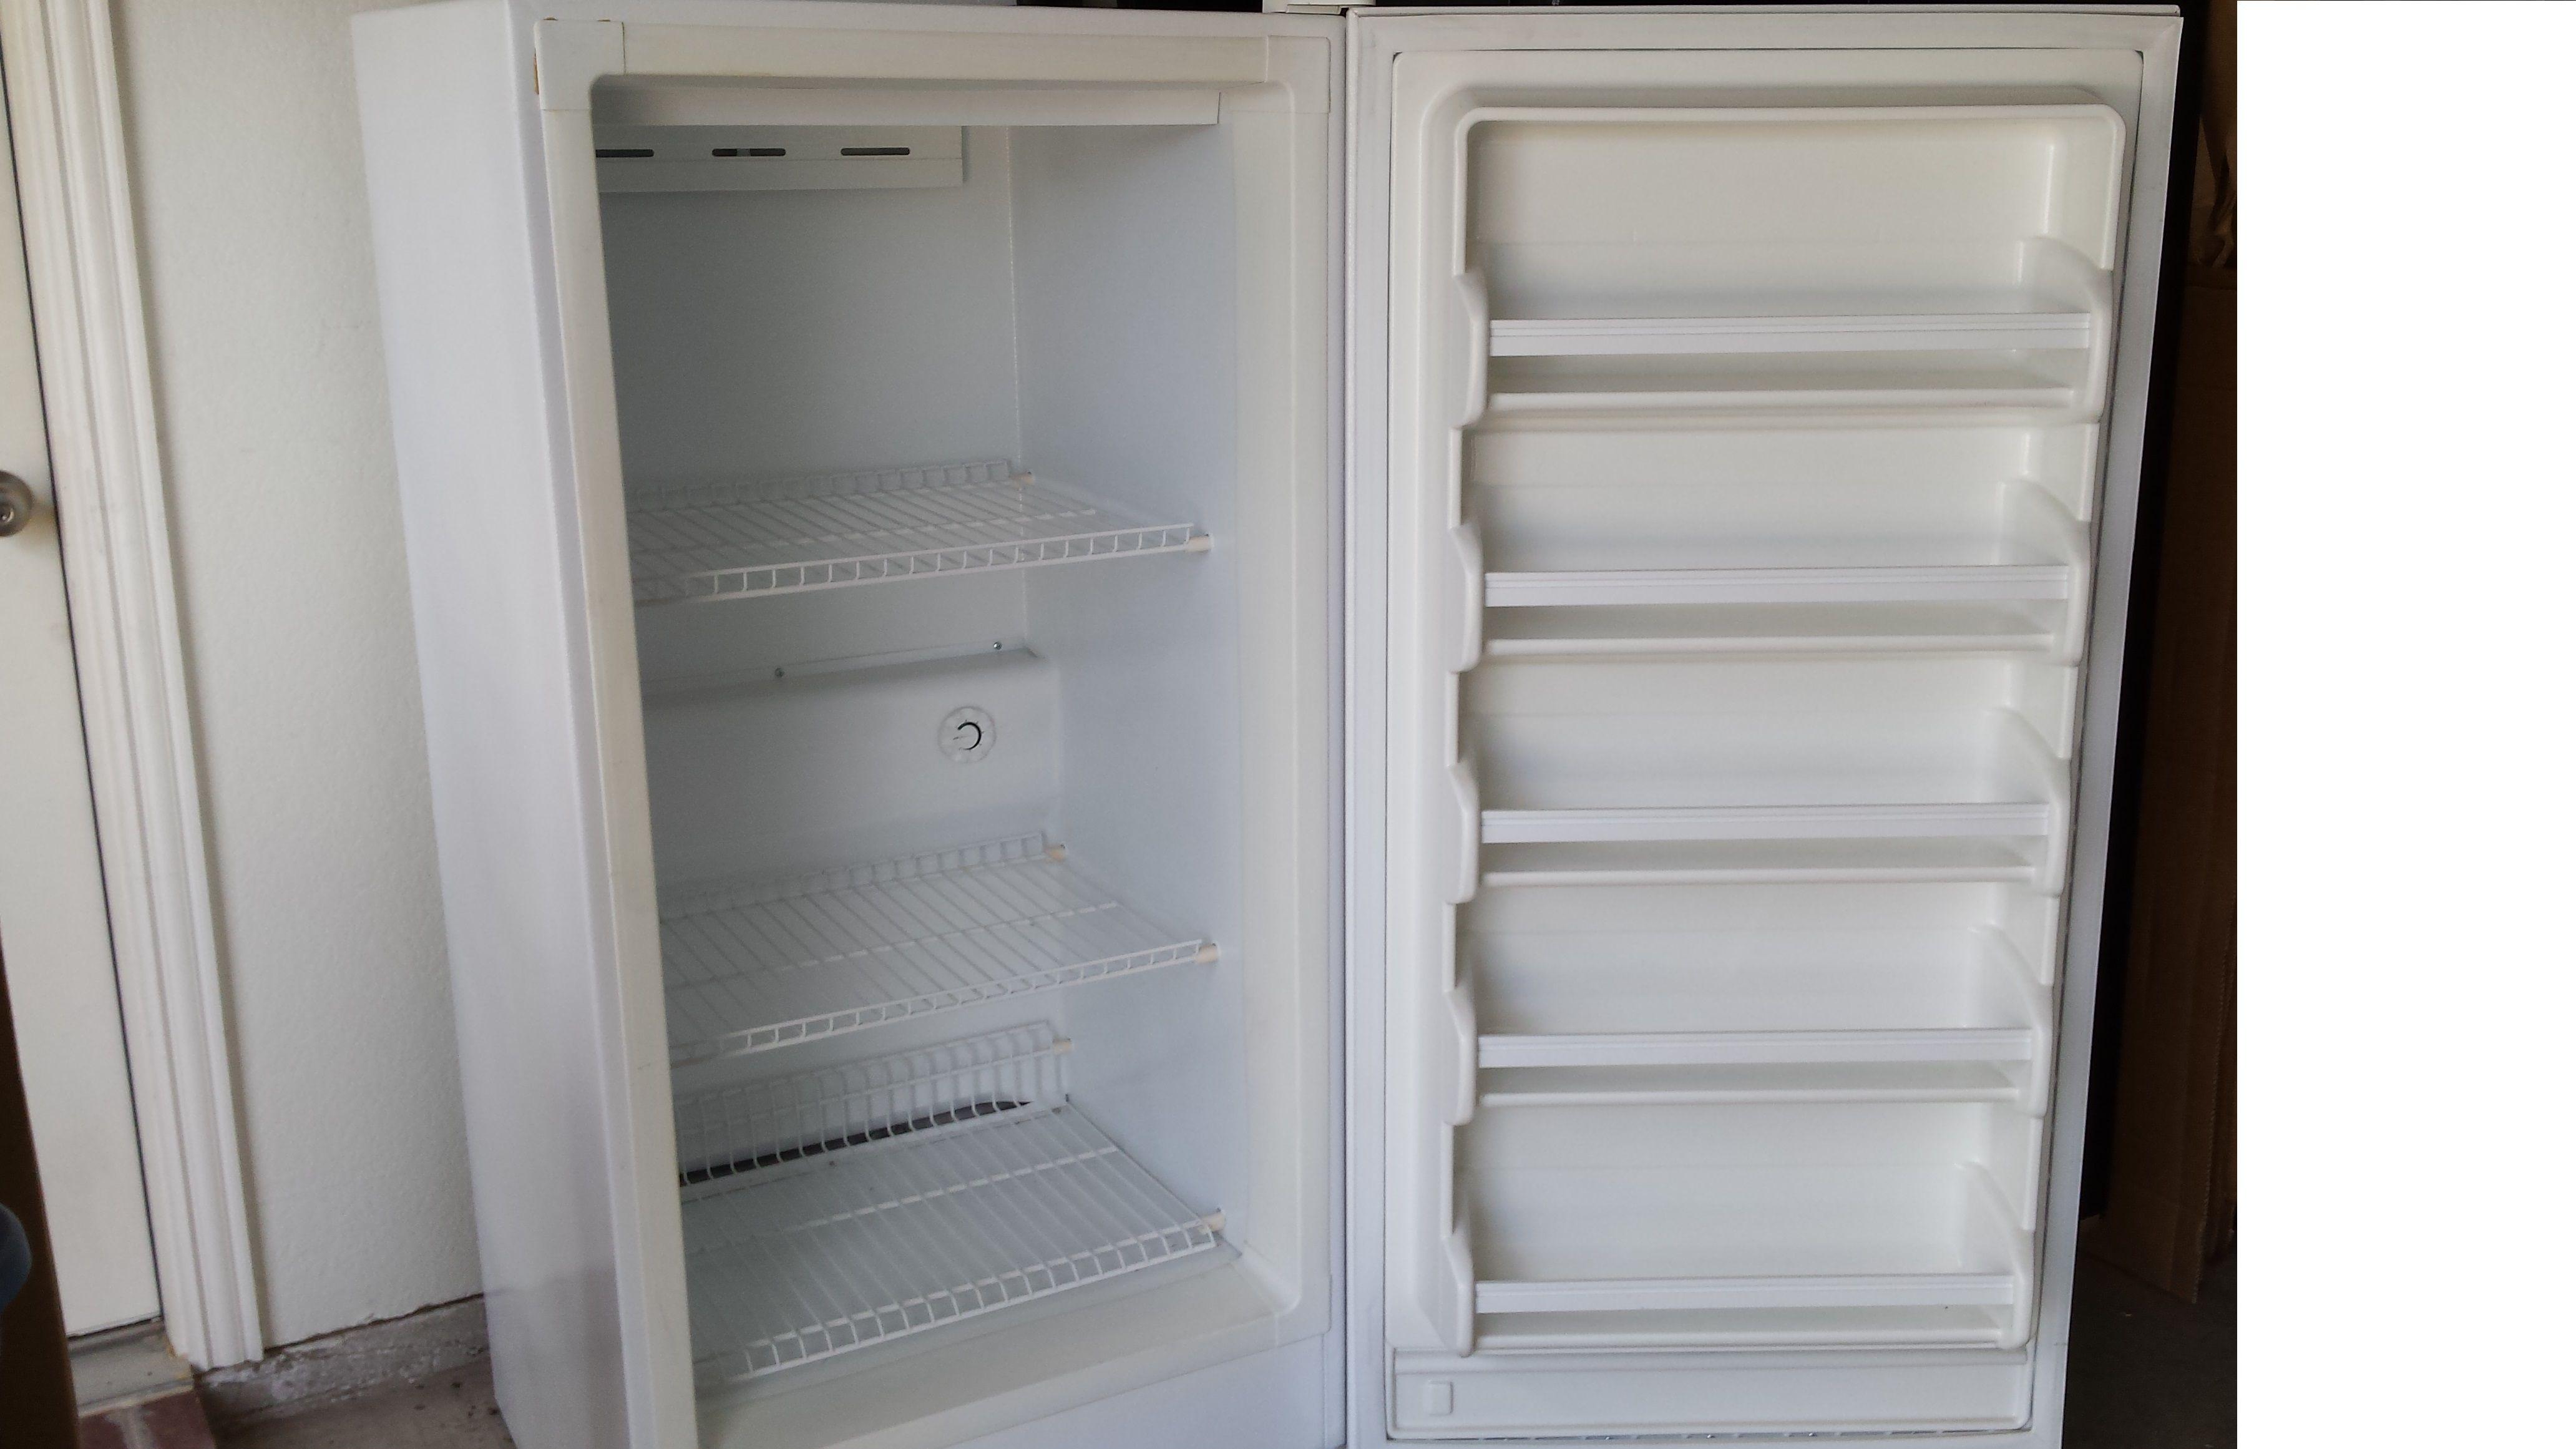 Kenmore Upright Freezer 16 6 Cu Ft In Manueljmary S Garage Sale